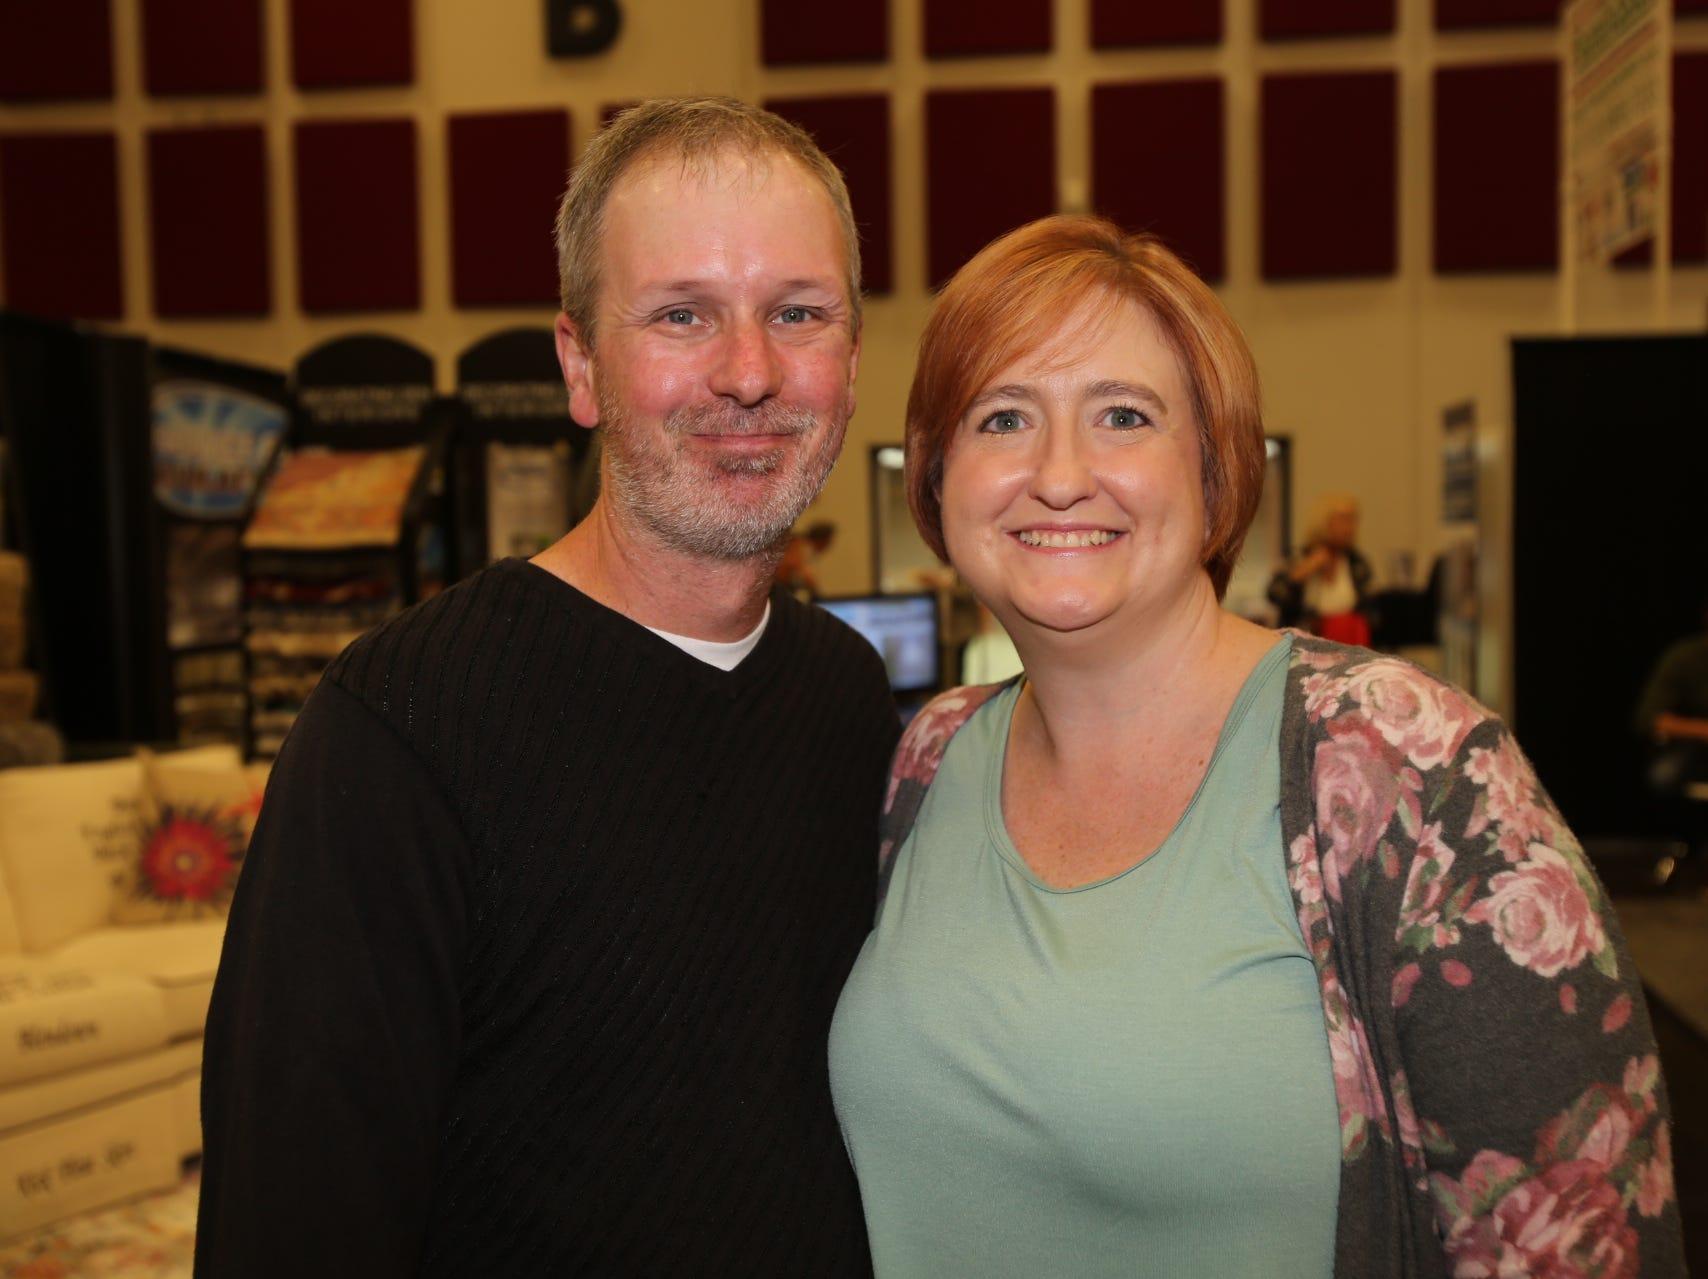 Mike Fain and Sarah Sleeth